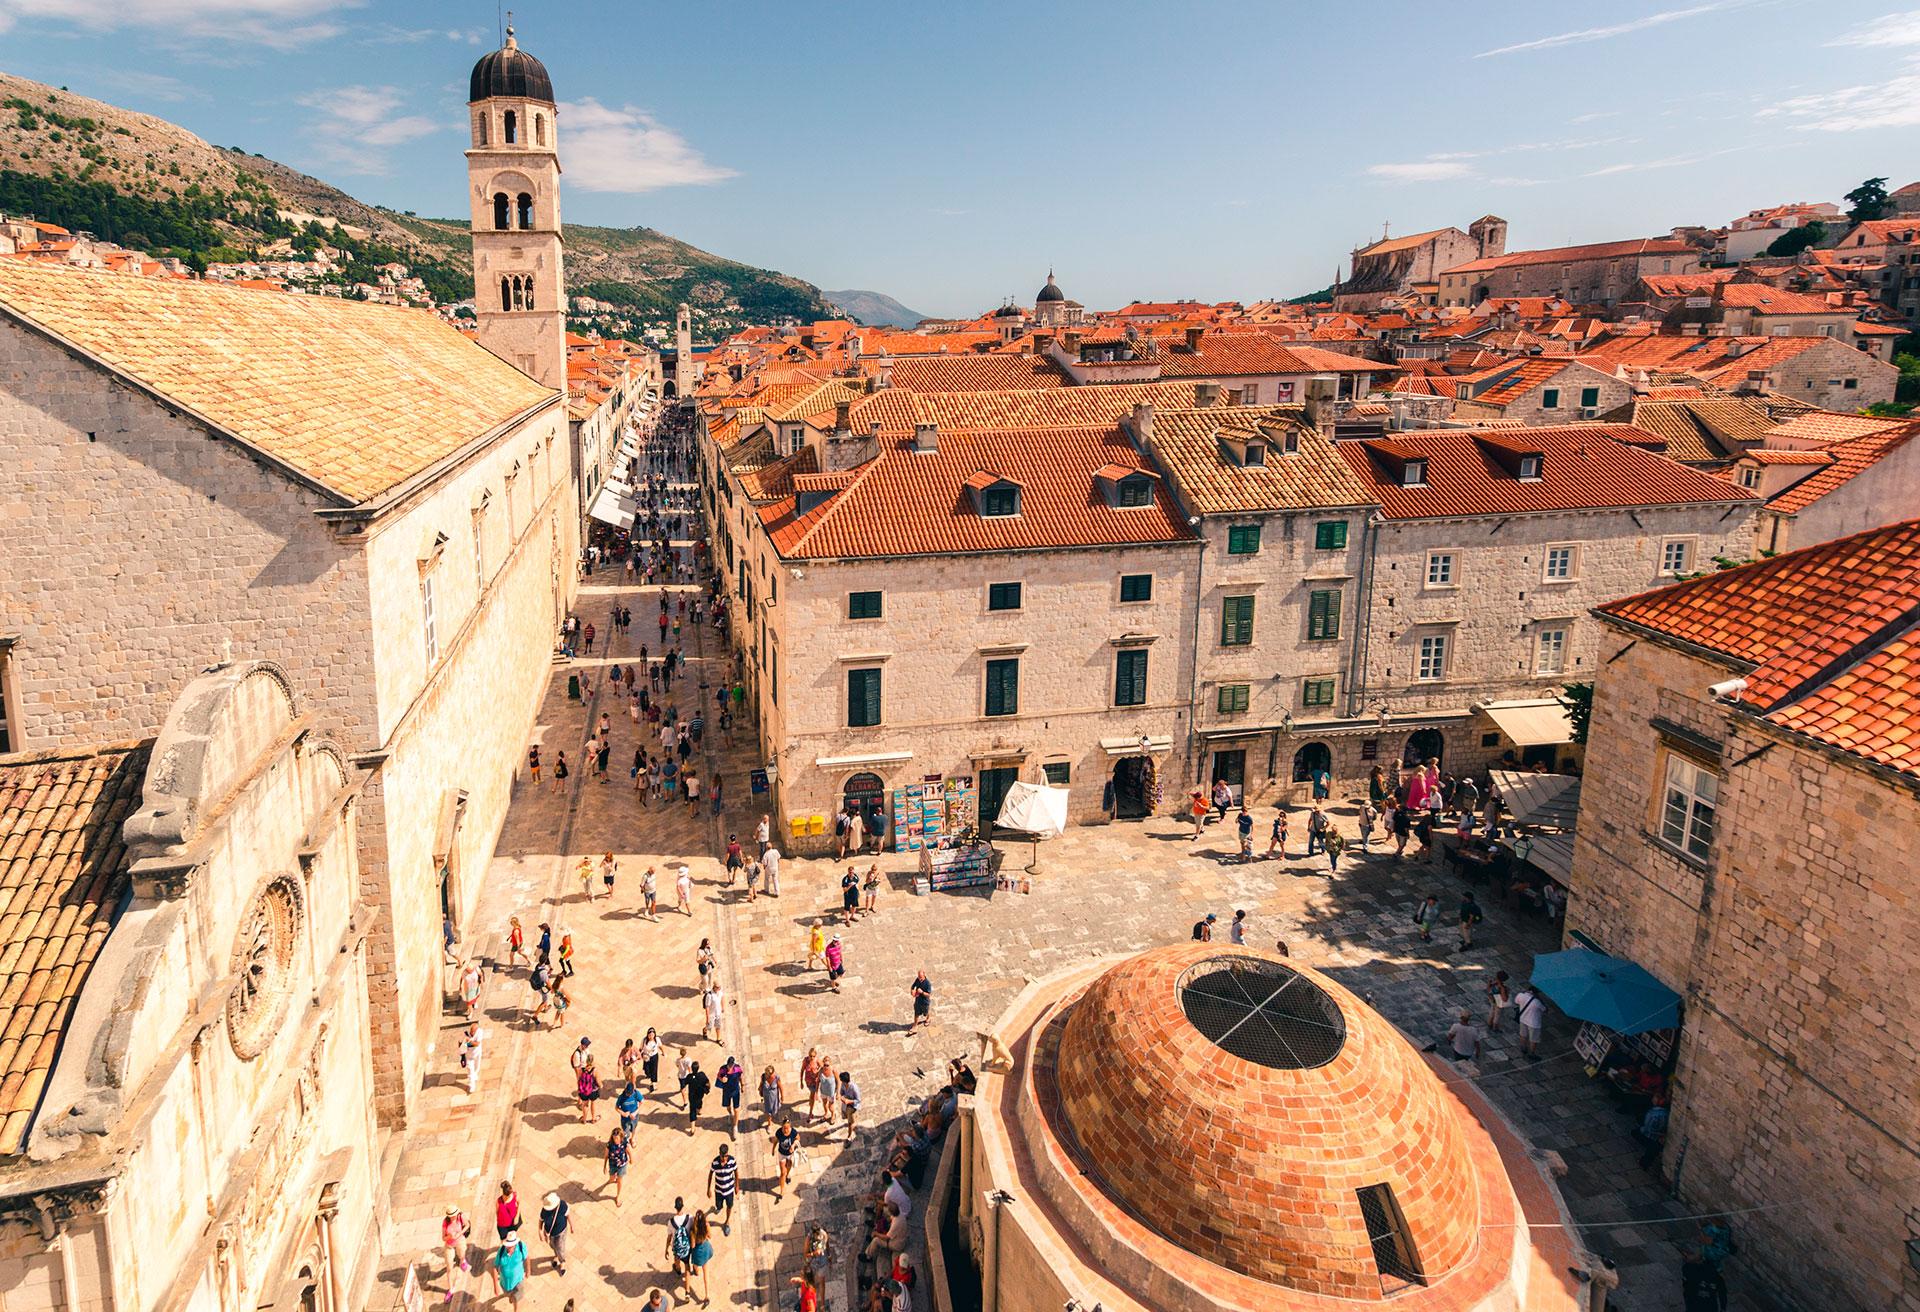 El casco antiguo de Dubrovnik es una de las ciudades medievales mejor conservadas del mundo, con enormes murallas que datan del siglo XI